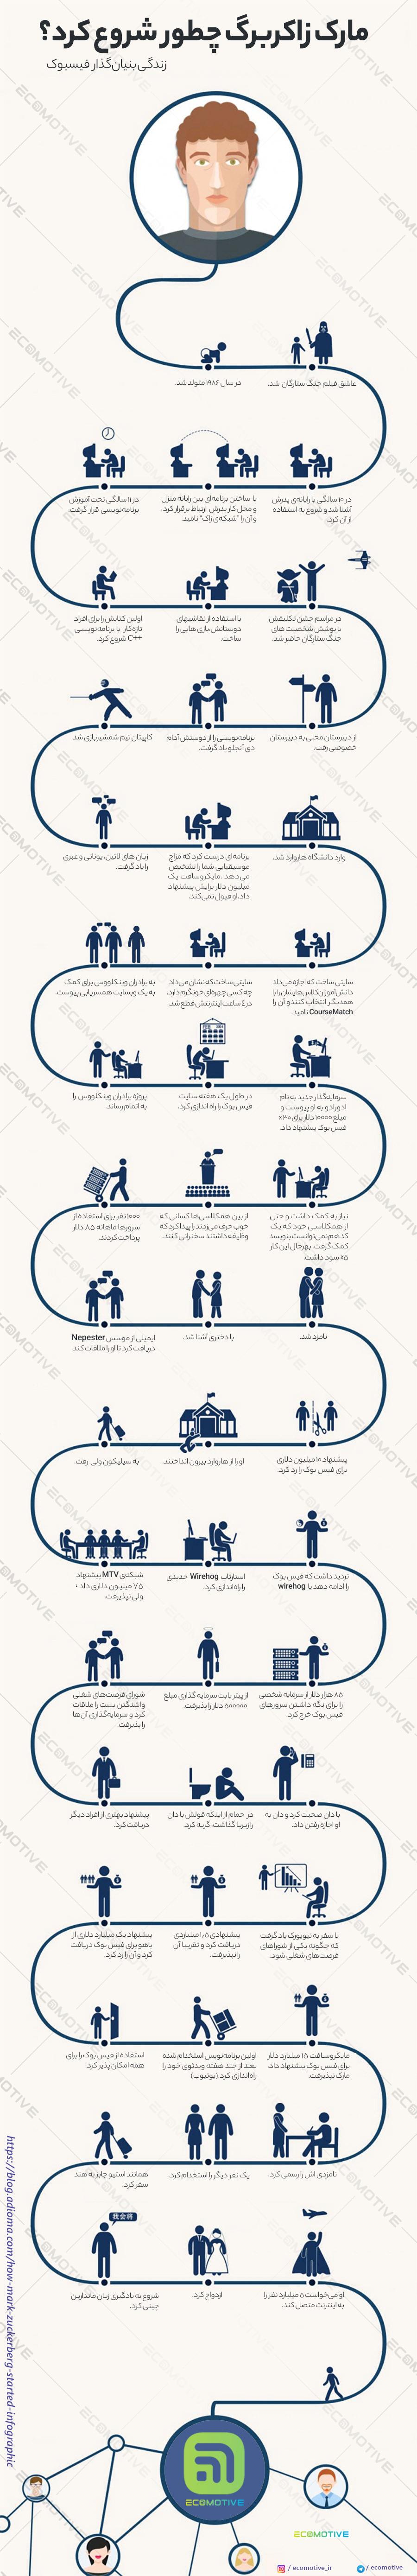 زندگی نامه و داستان موفقیت مارک زاکربرگ موسس فیسبوک + اینفوگرافیک